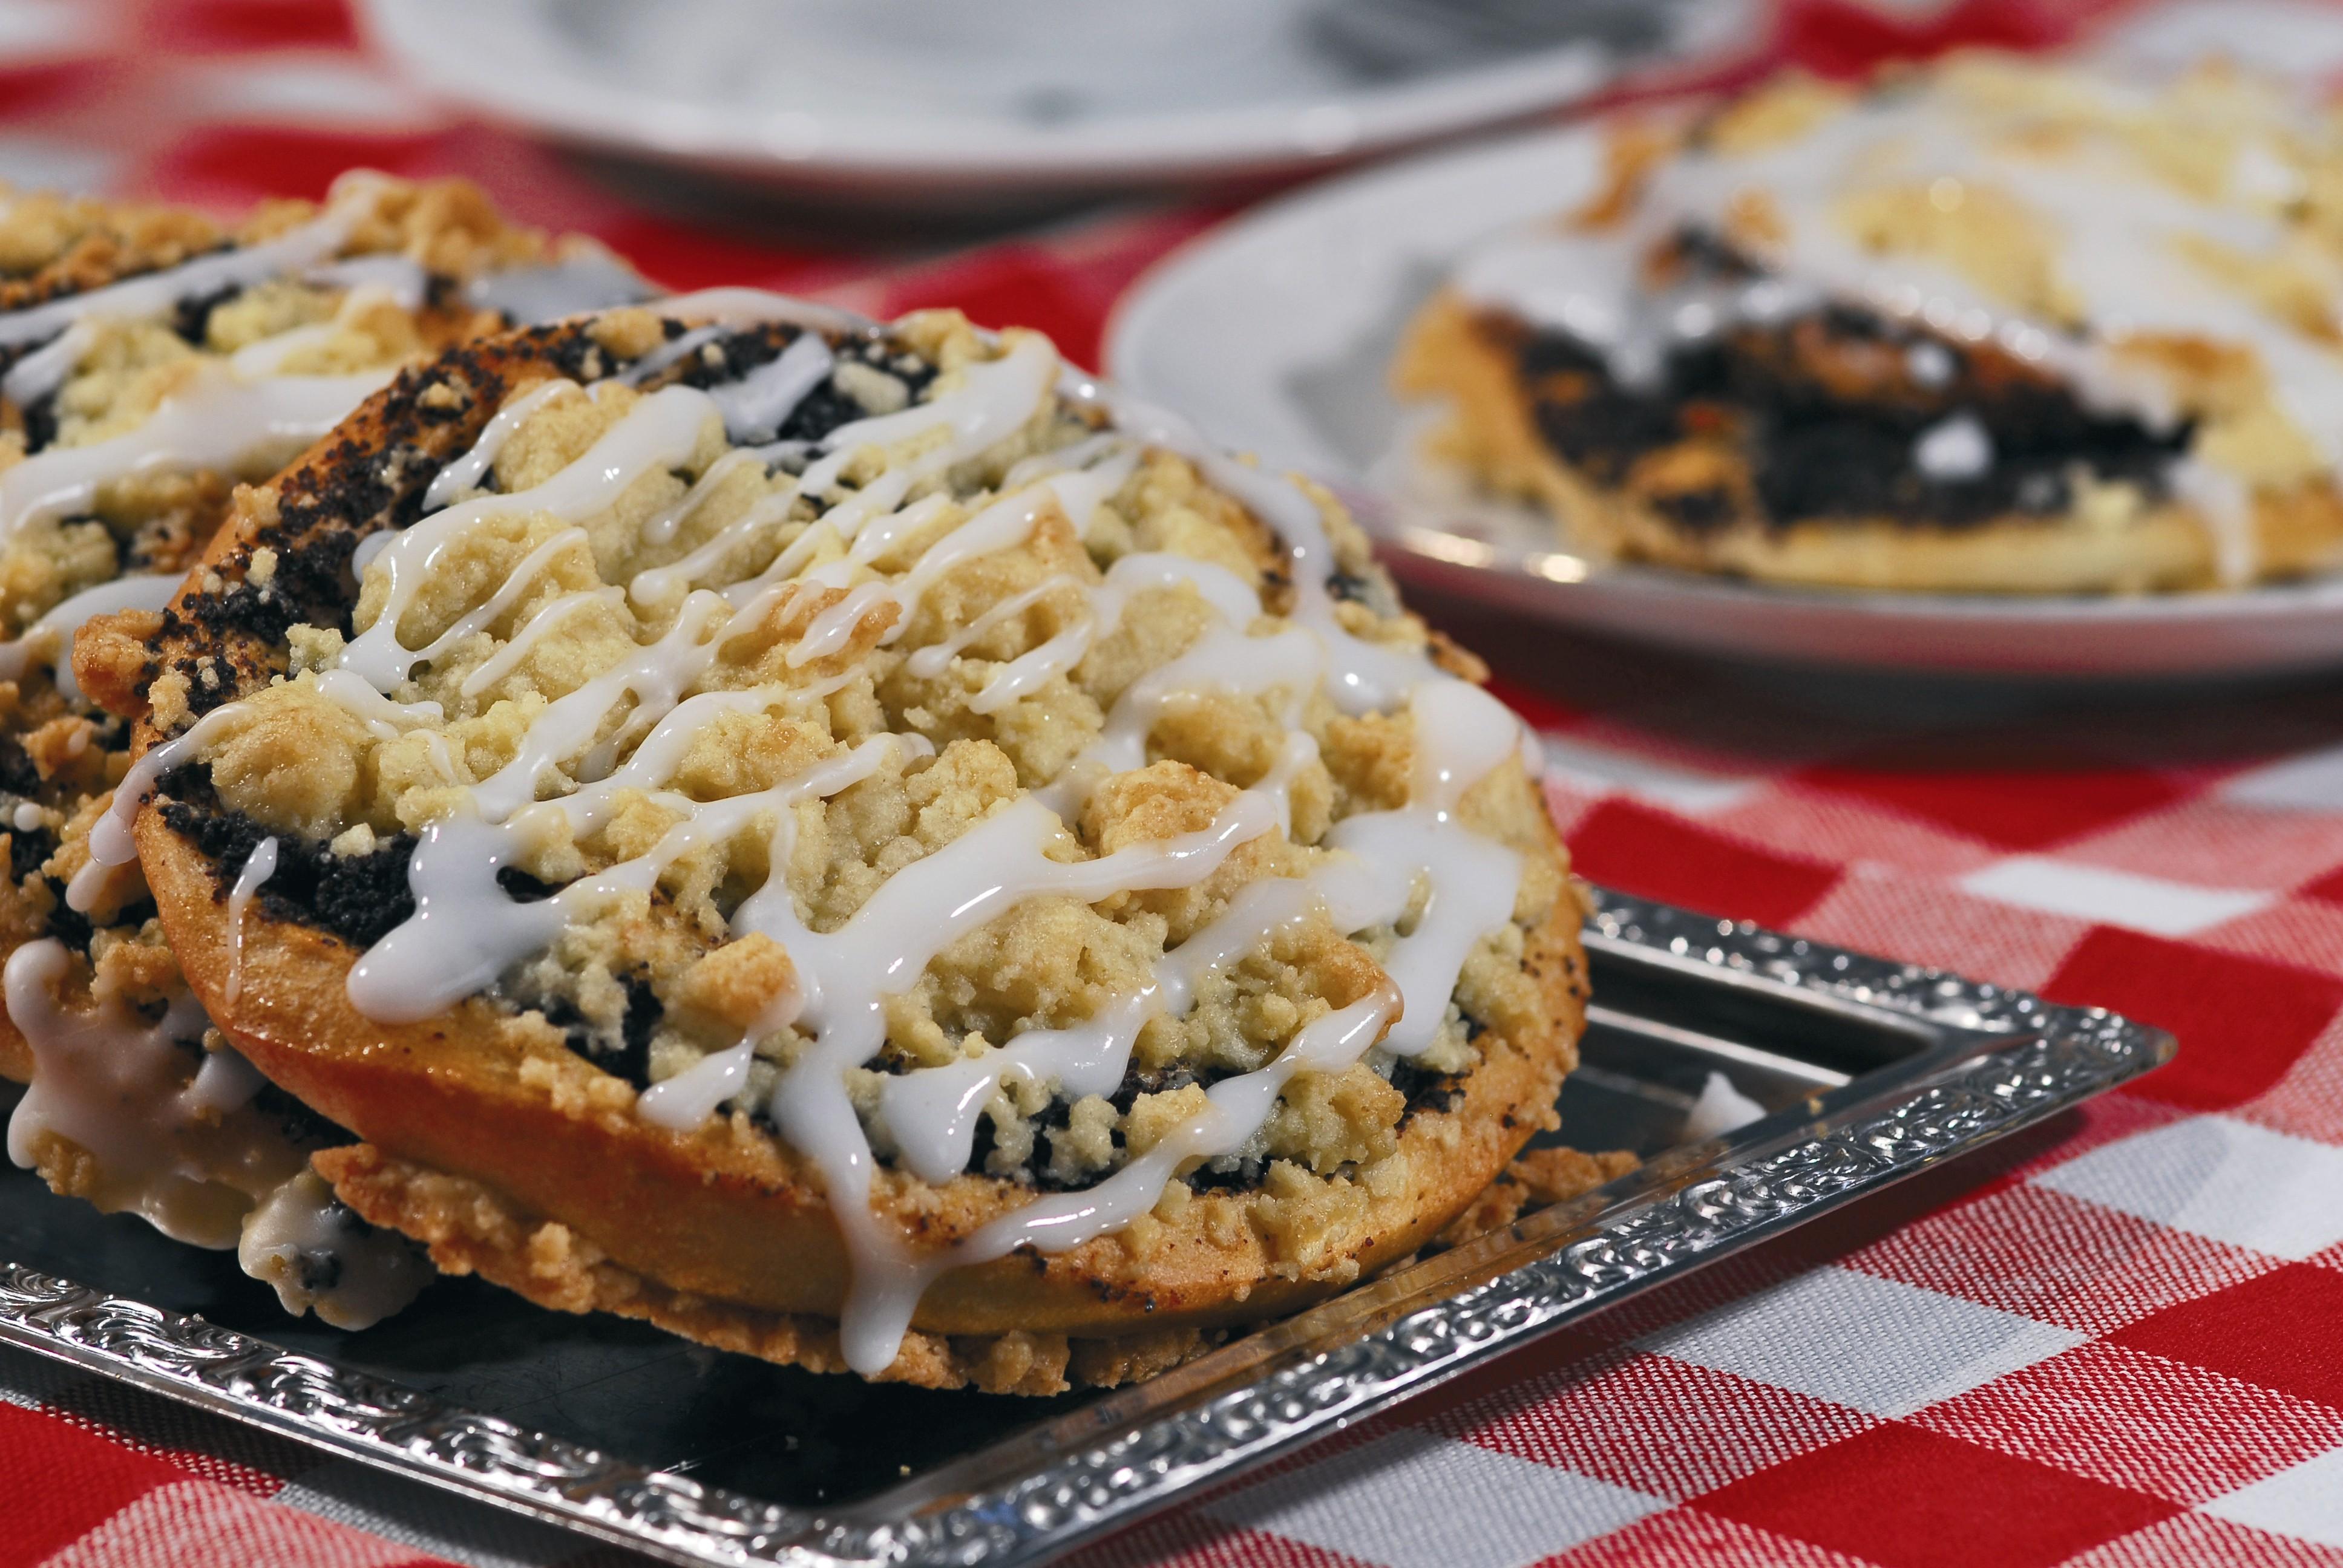 Wer in einem Görlitzer Café oder Restaurant Platz nimmt, sollte sich die regionale Spezialität Mohnkuchen servieren lassen FOTO: R. HENNIG